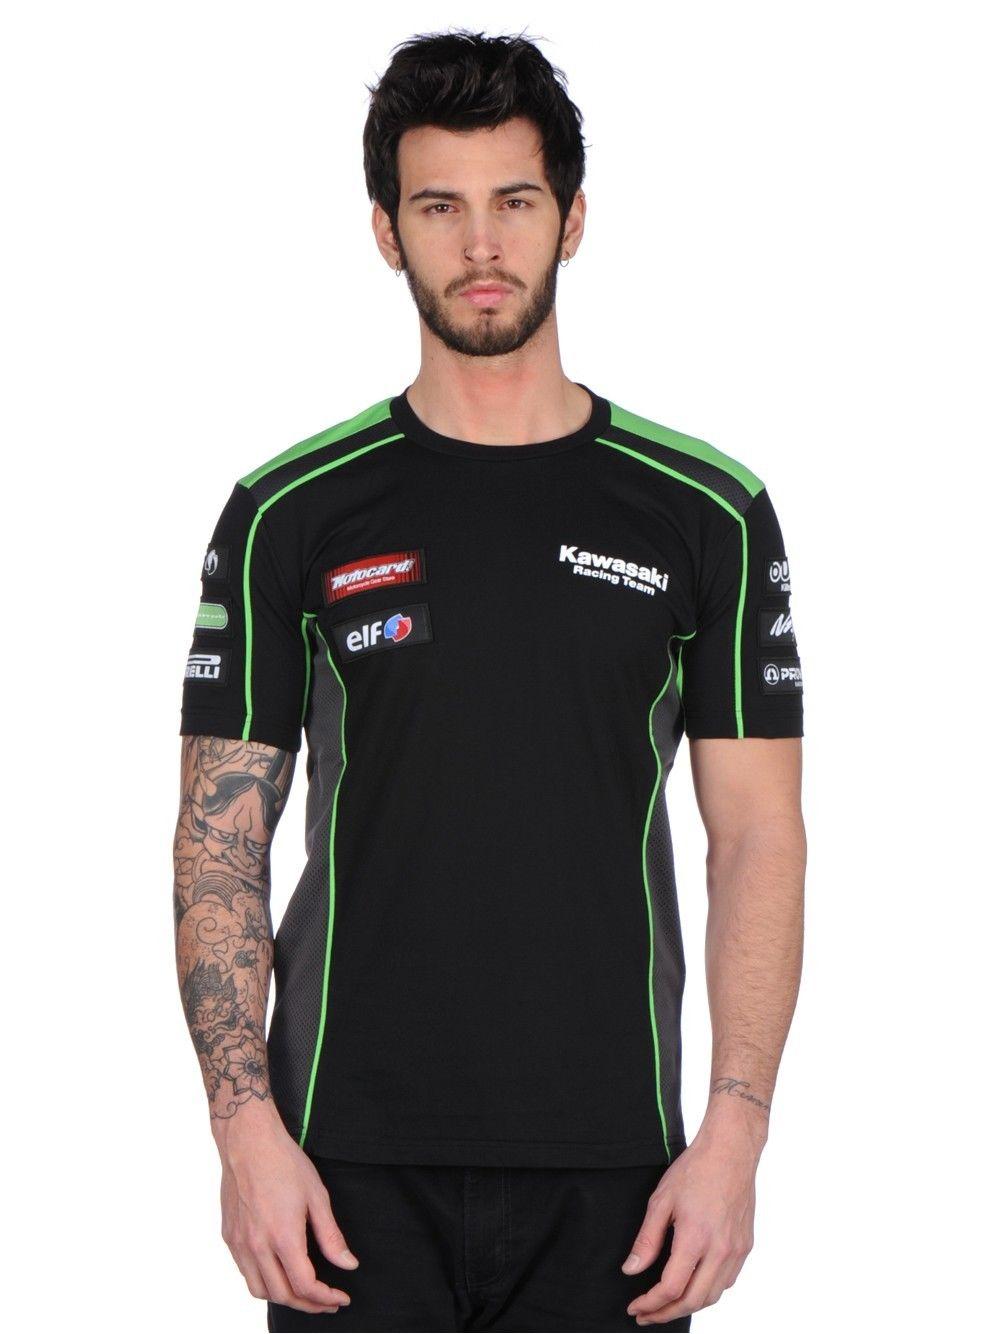 <font><b>2017</b></font> <font><b>High</b></font> <font><b>quality</b></font> <font><b>Motorcycle</b></font> <font><b>T-shirt</b></font> fit Kawasaki MOTOGP Race <font><b>T-shirt</b></font> Black/Green <font><b>Moto</b></font> <font><b>GP</b></font> t <font><b>shirt</b></font>